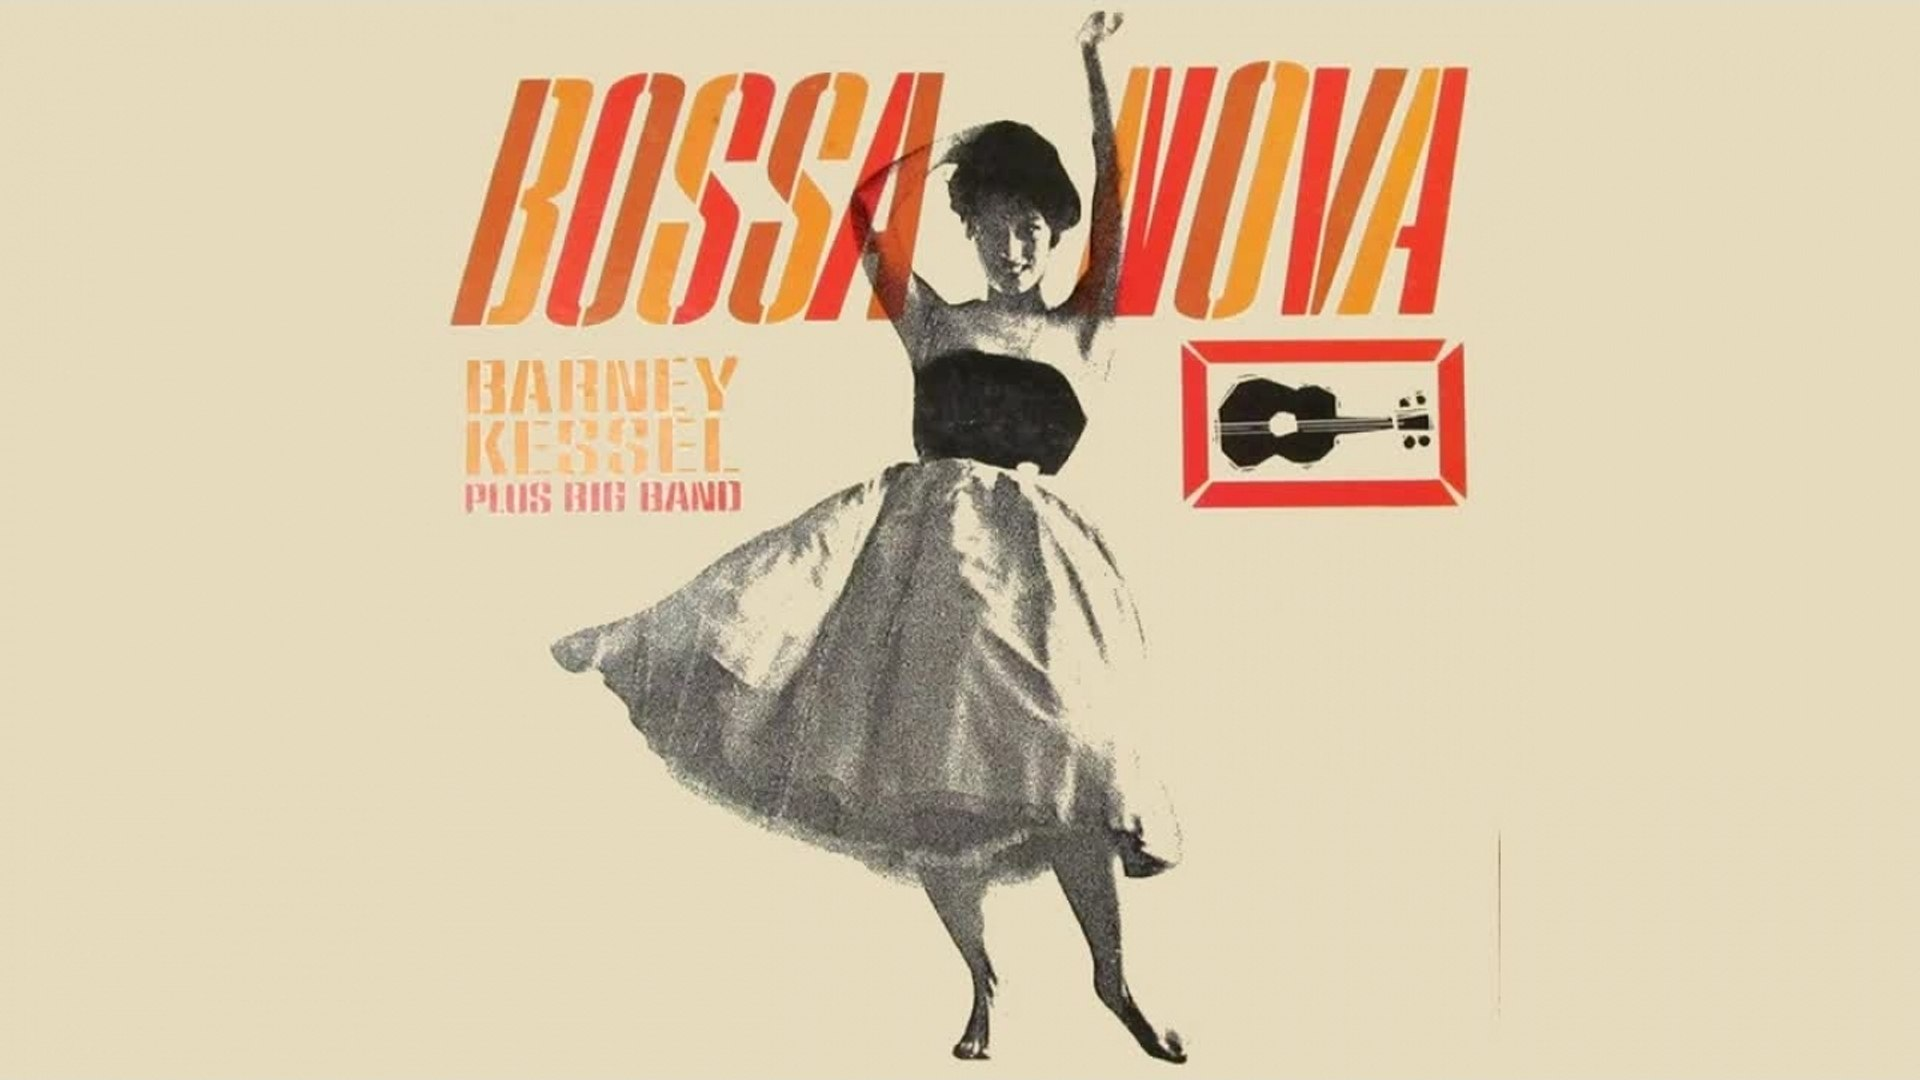 BARNEY KESSEL - Bossa Nova - Full Album